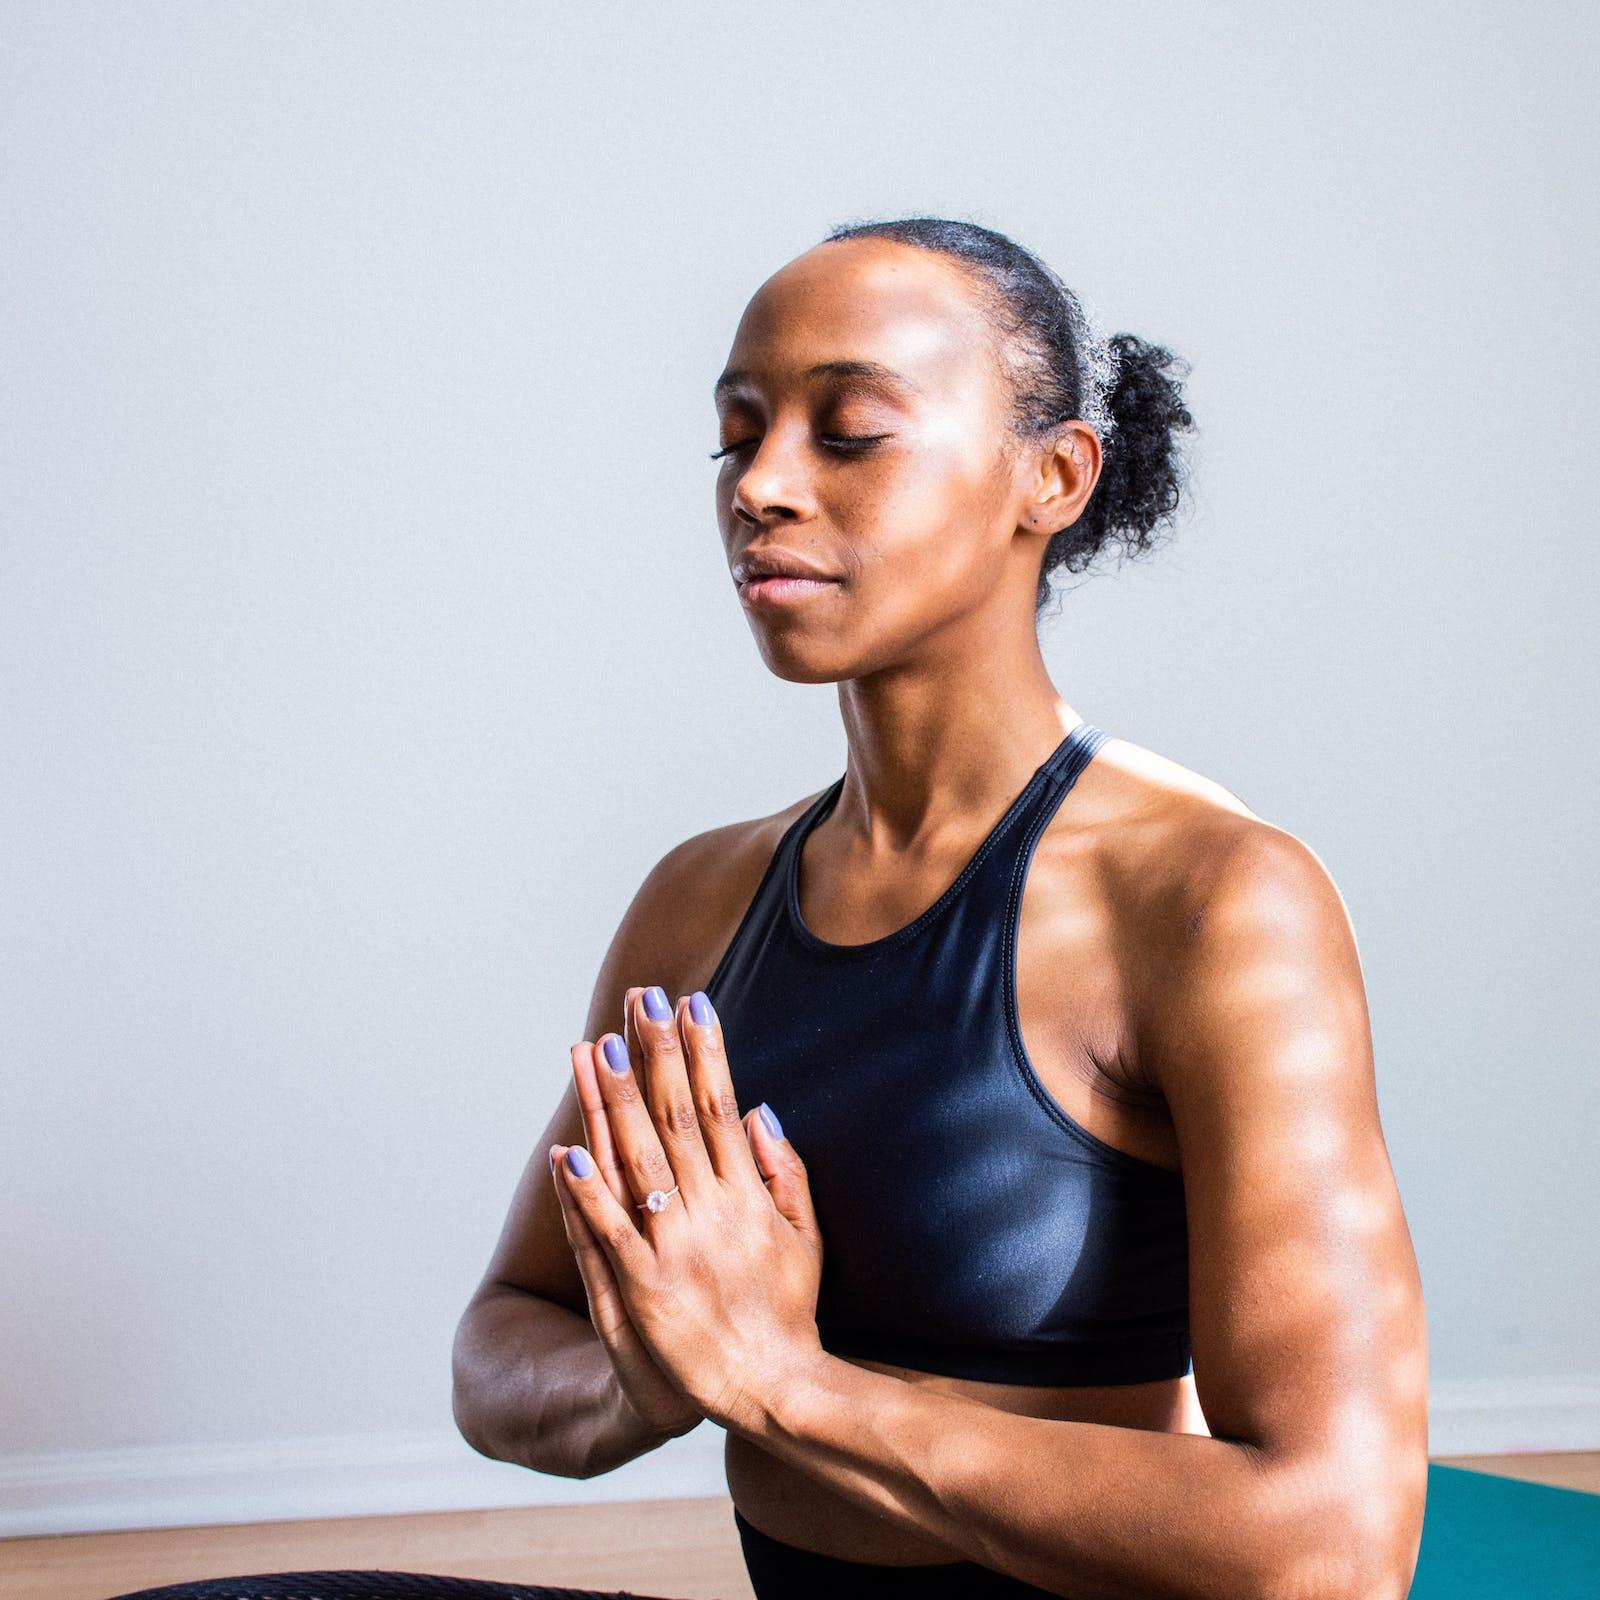 Retrouver paix intérieure et calme interieur grâce à l'énergie du Reïki. Auto-guerison par le soin énergétique.